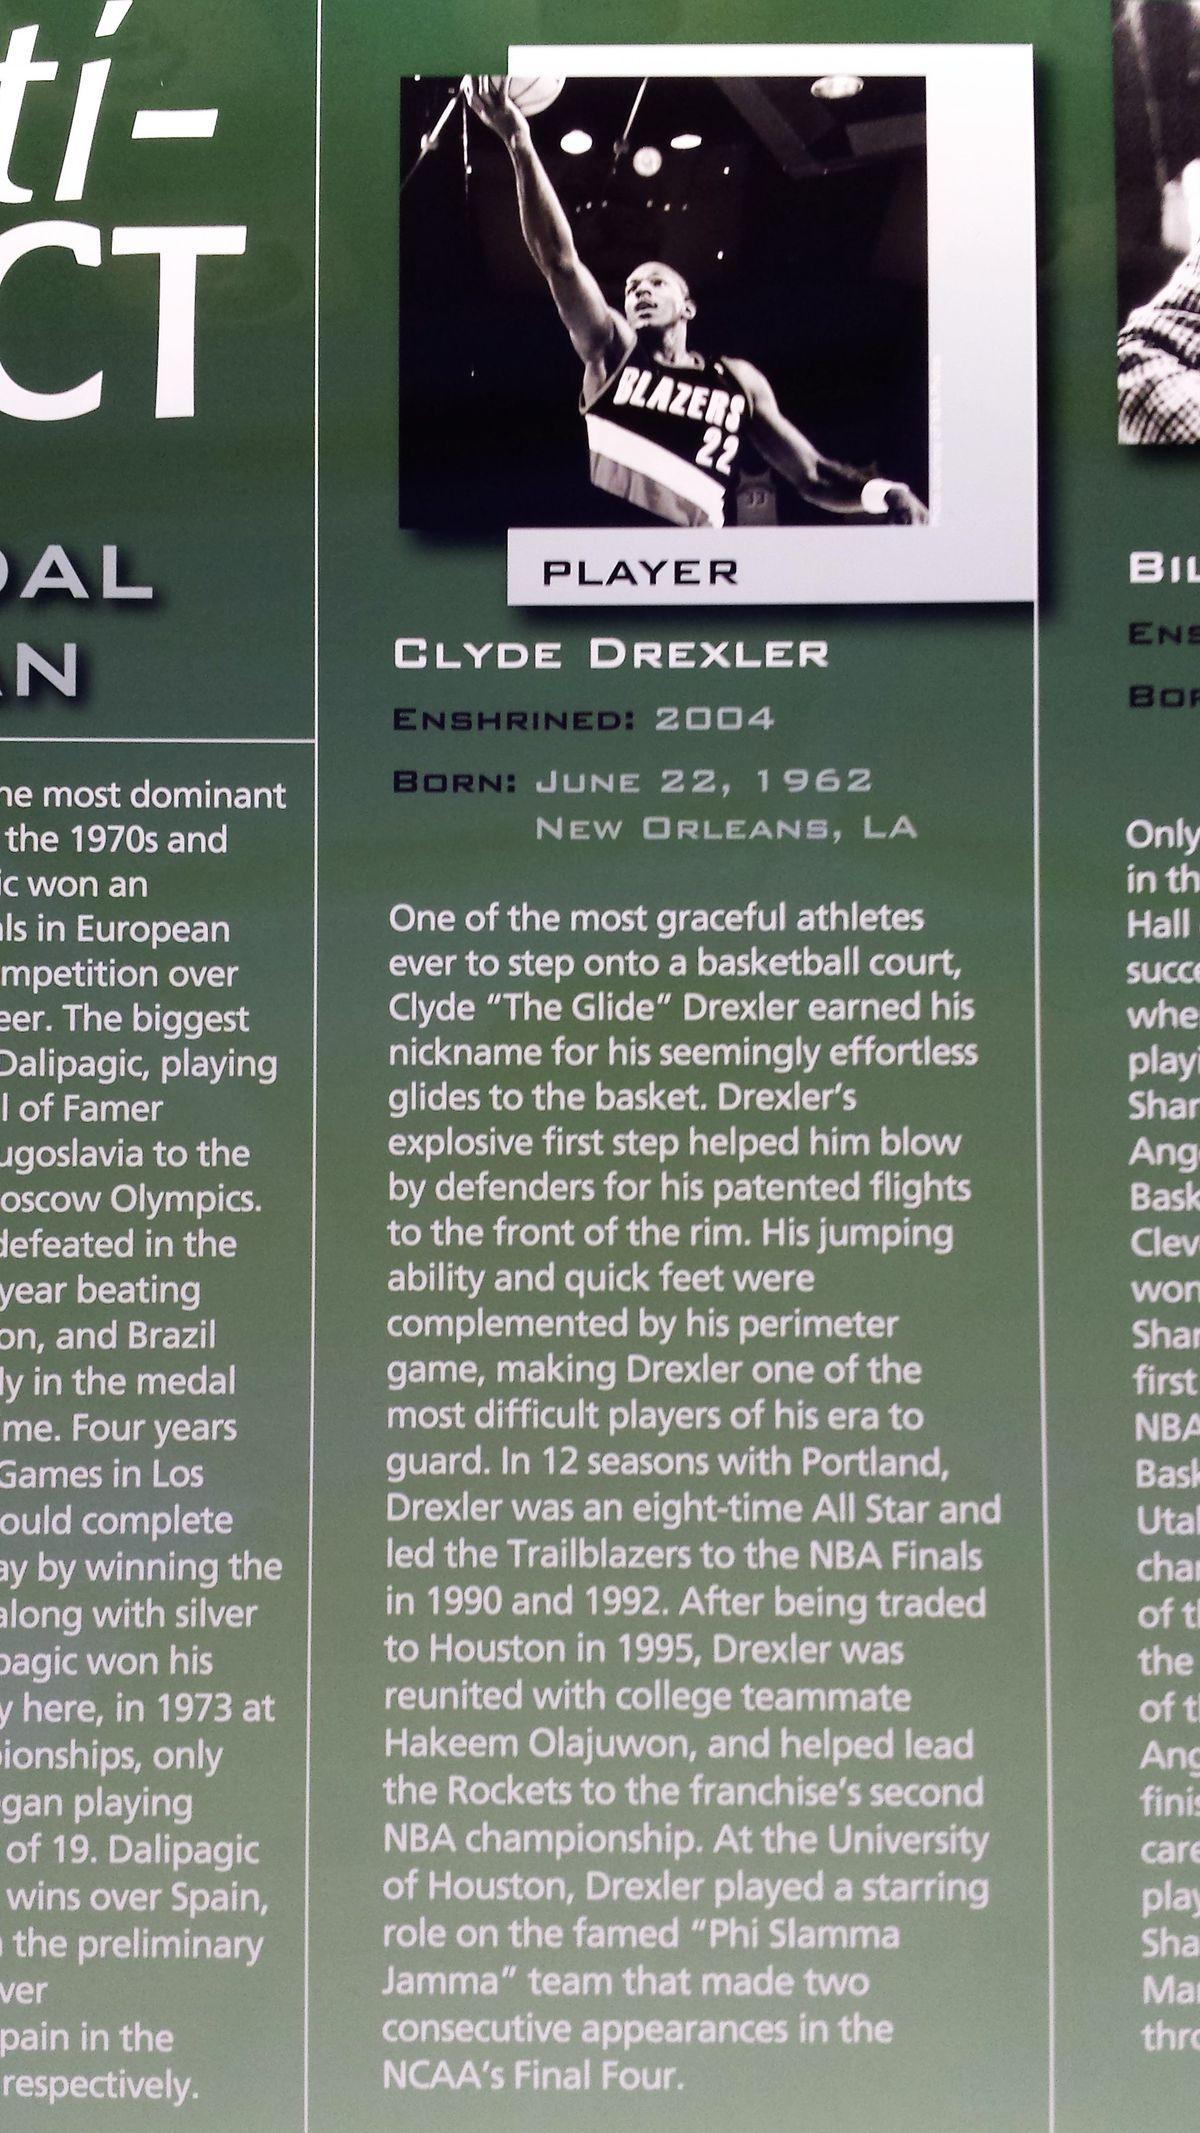 Clyde Drexler's plaque